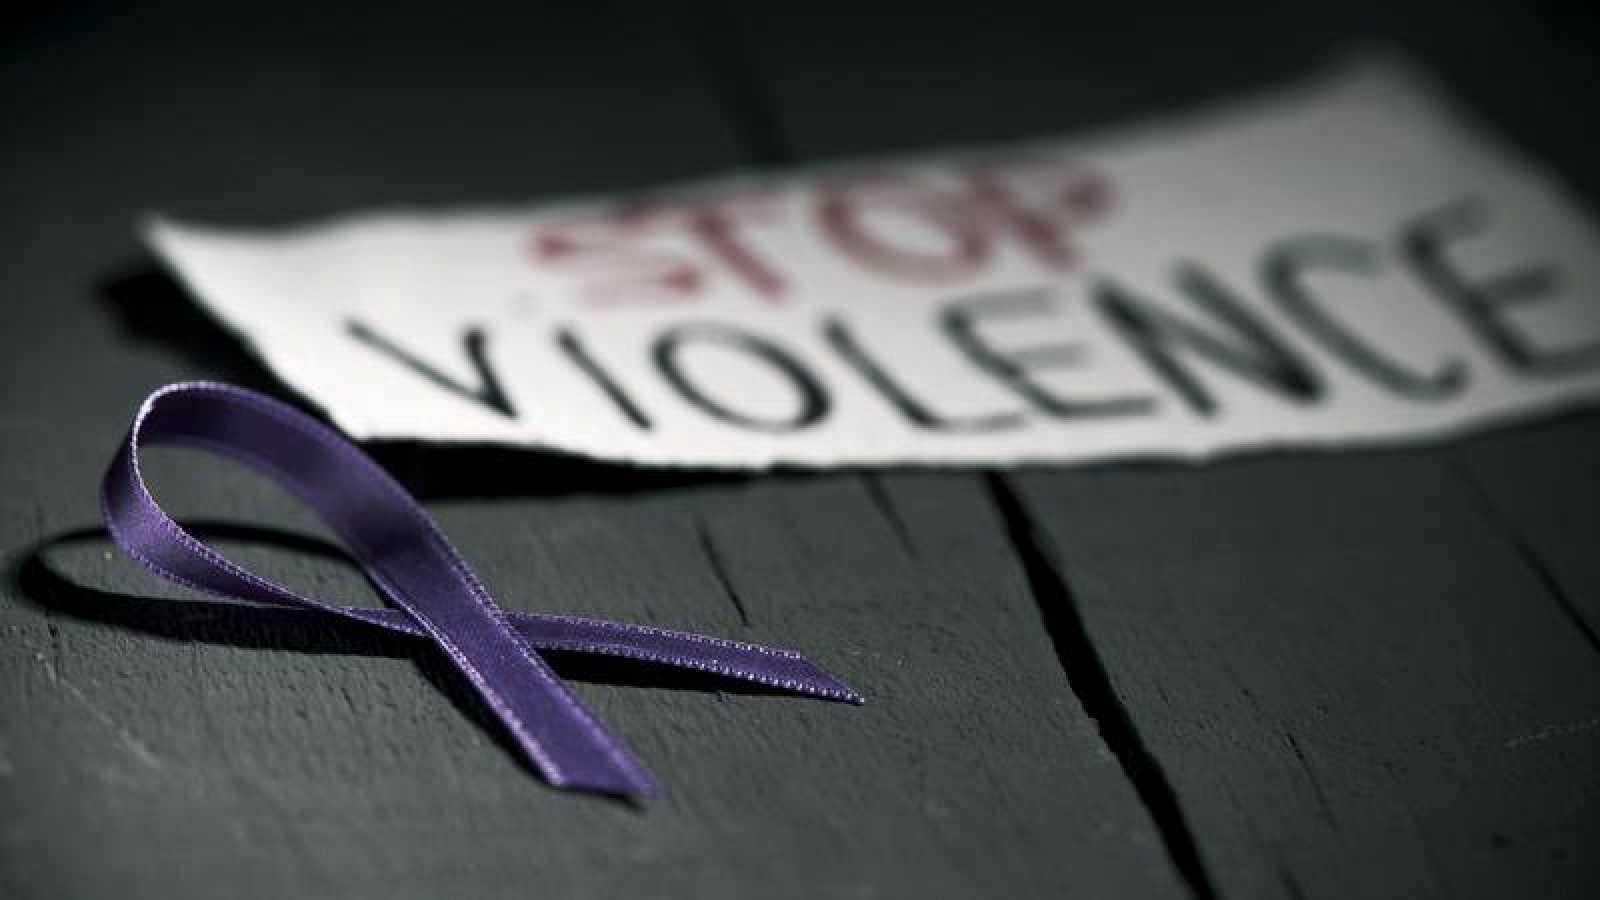 Se investiga como posible caso de violencia de género el asesinato de una mujer en la provincia de Córdoba